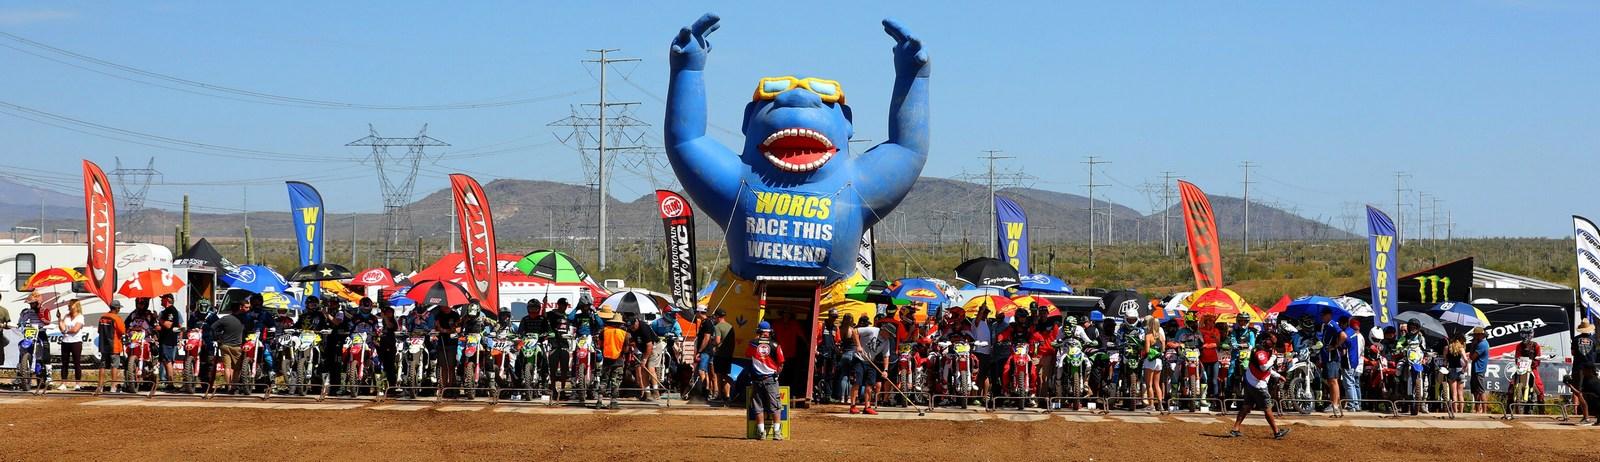 2019-04-motorcycle-start-worcs-racing